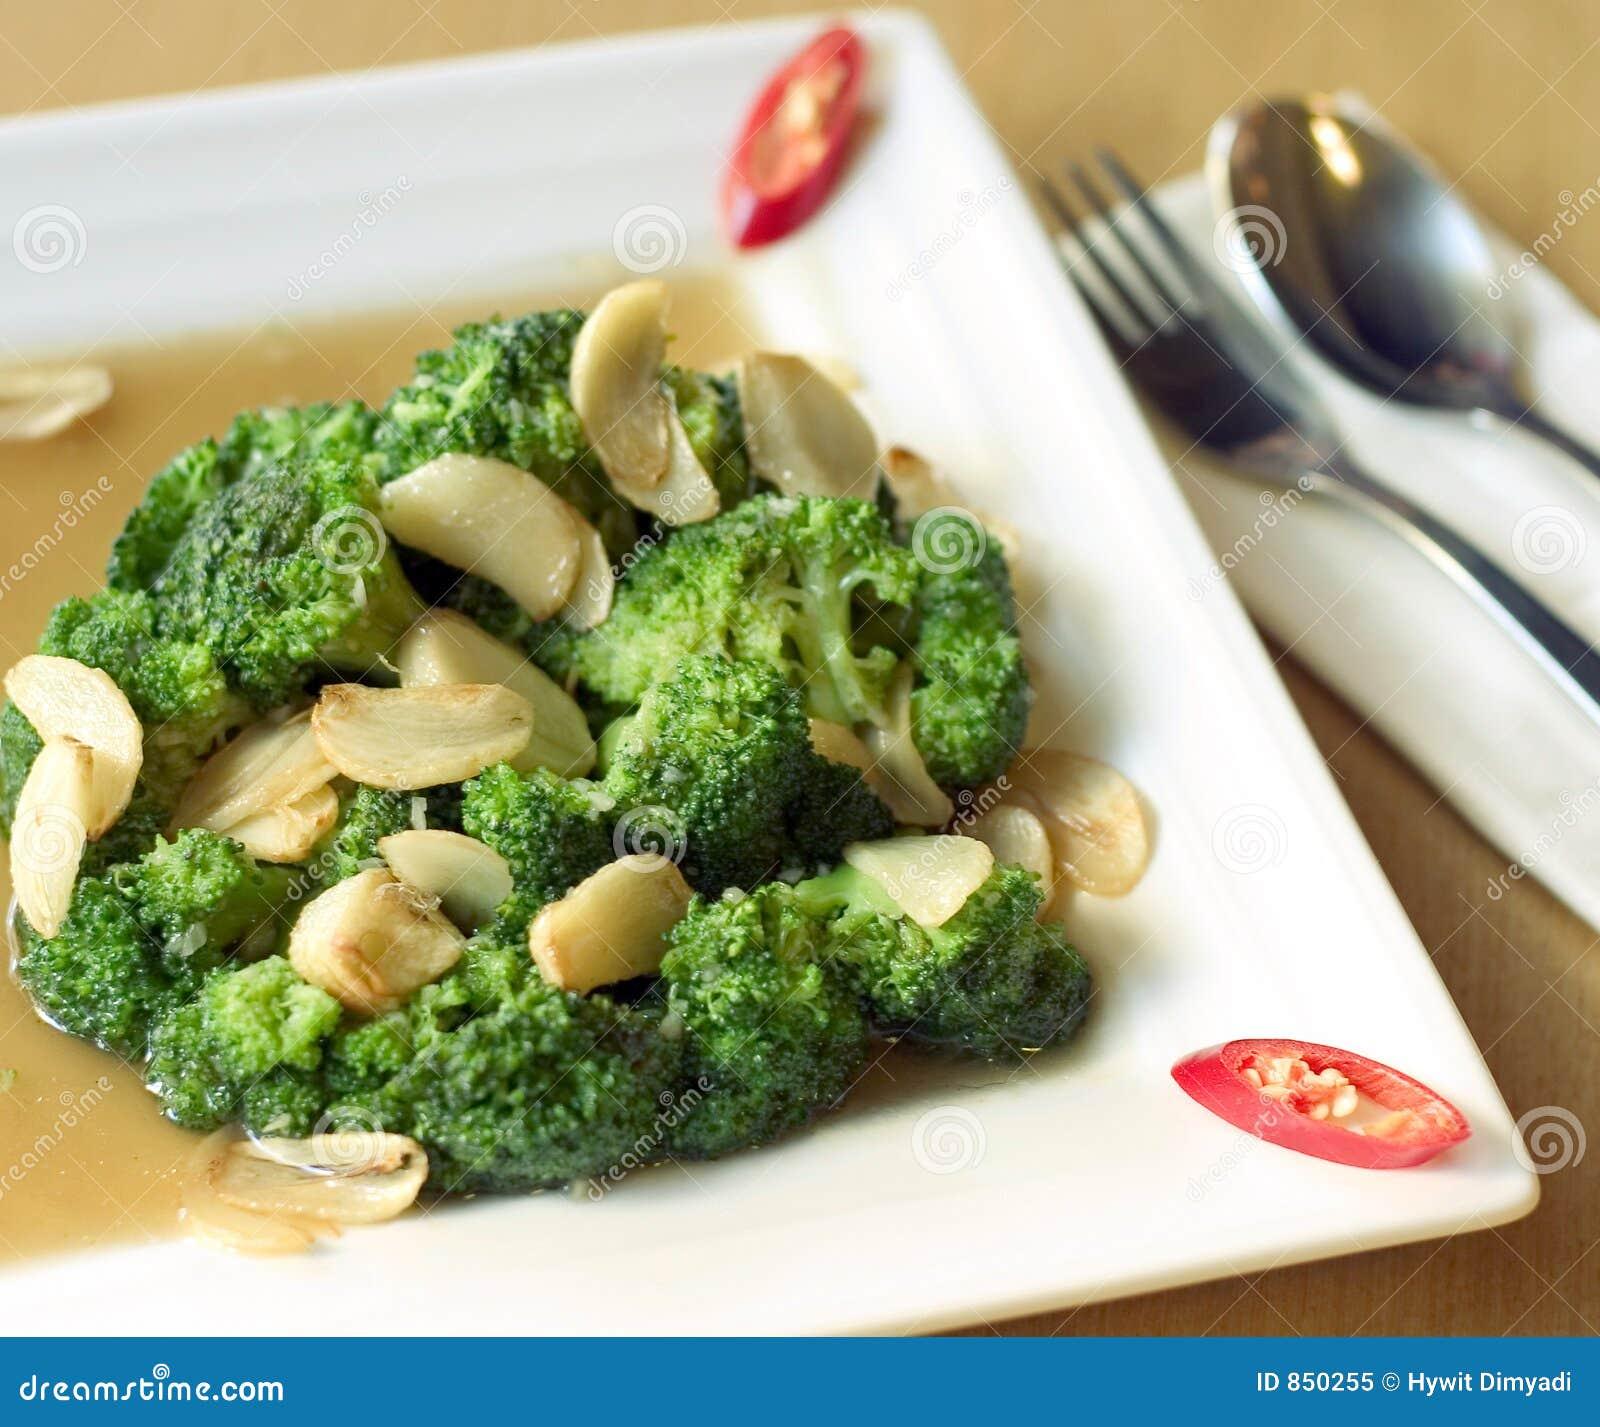 Kuchnia brokuł zdrowa.